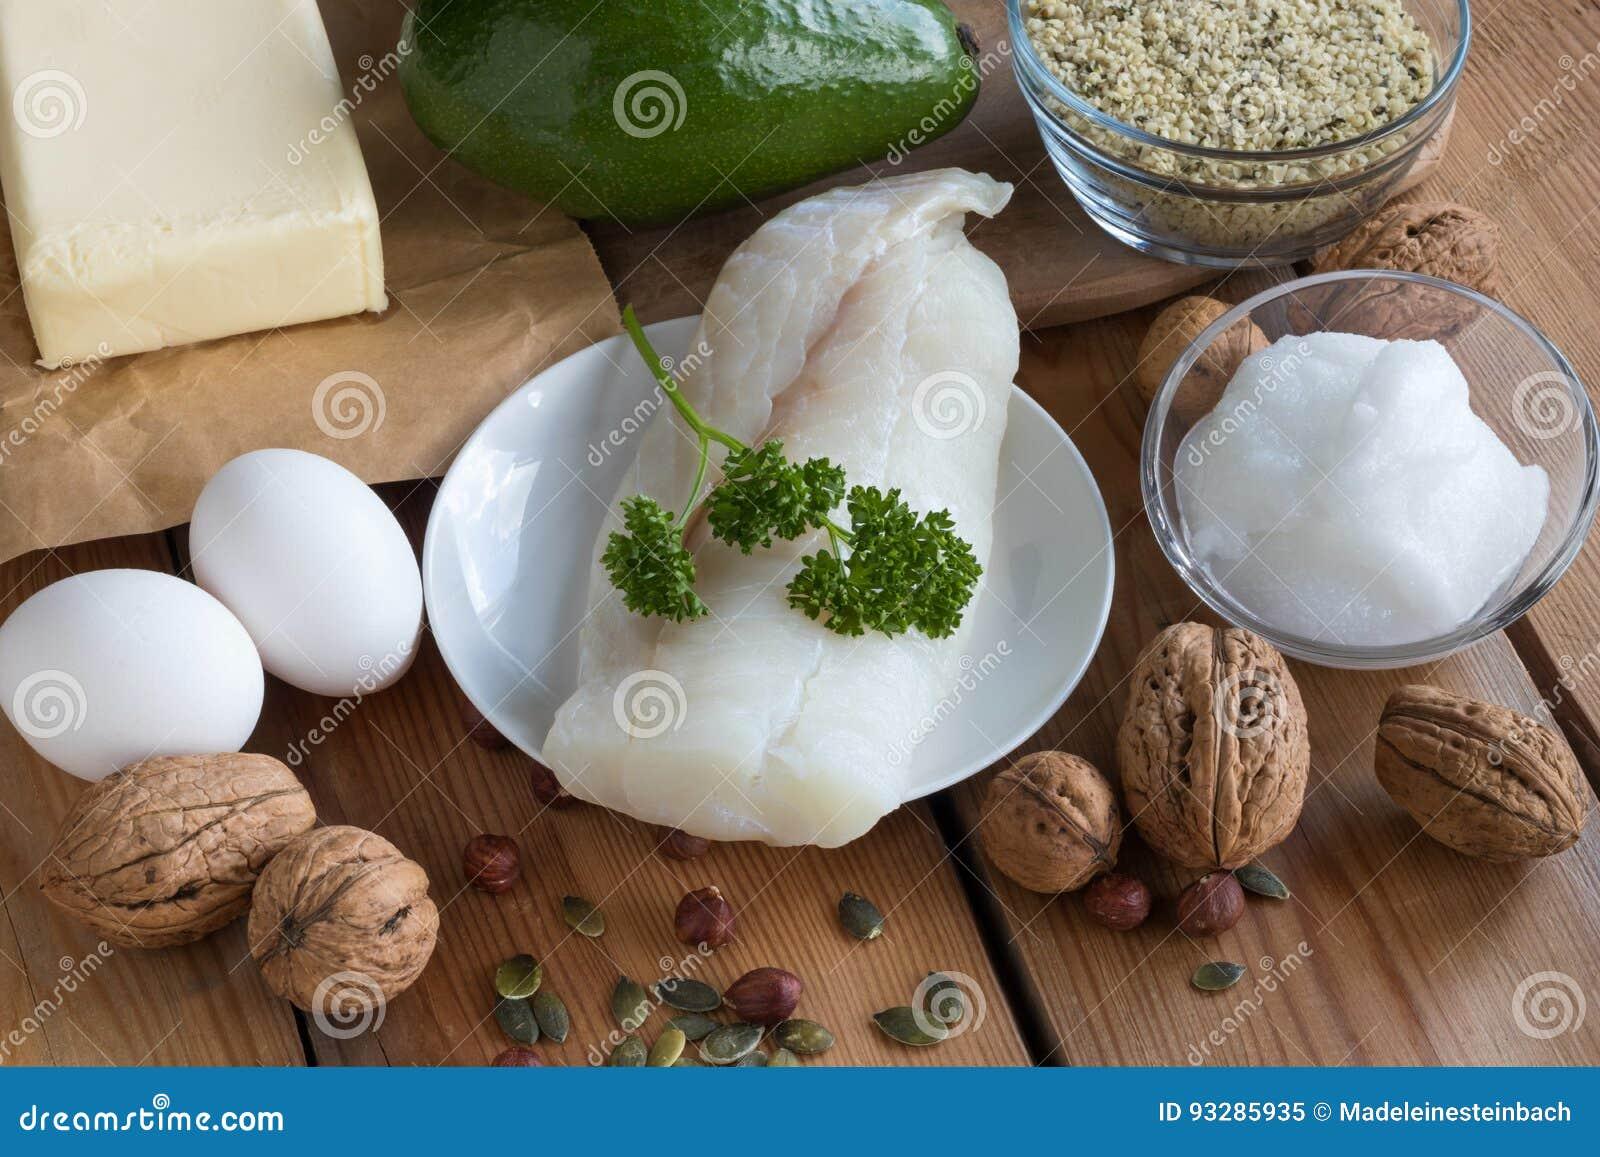 Gorduras saudáveis - peixes, abacate, manteiga, ovos, porcas e sementes